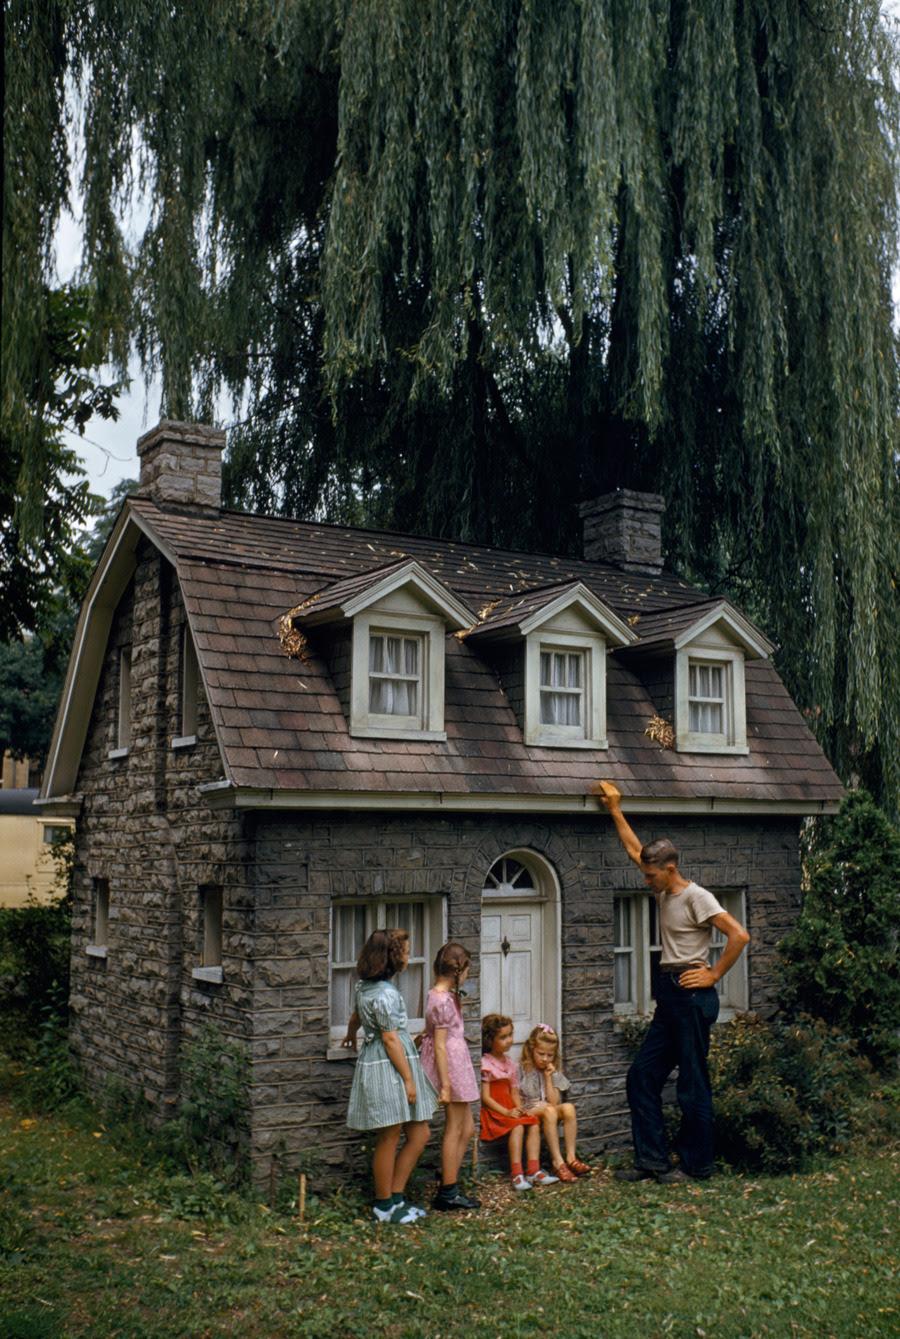 Pastor Colegio buit esta casa para atraer a los jóvenes a los cursos de verano.  Dormitorio, escaleras, cocina, todo es en miniatura.  Shepherdstown, West Virginia, agosto 1948.Photograph por Walter Meayers Edwards, National Geographic